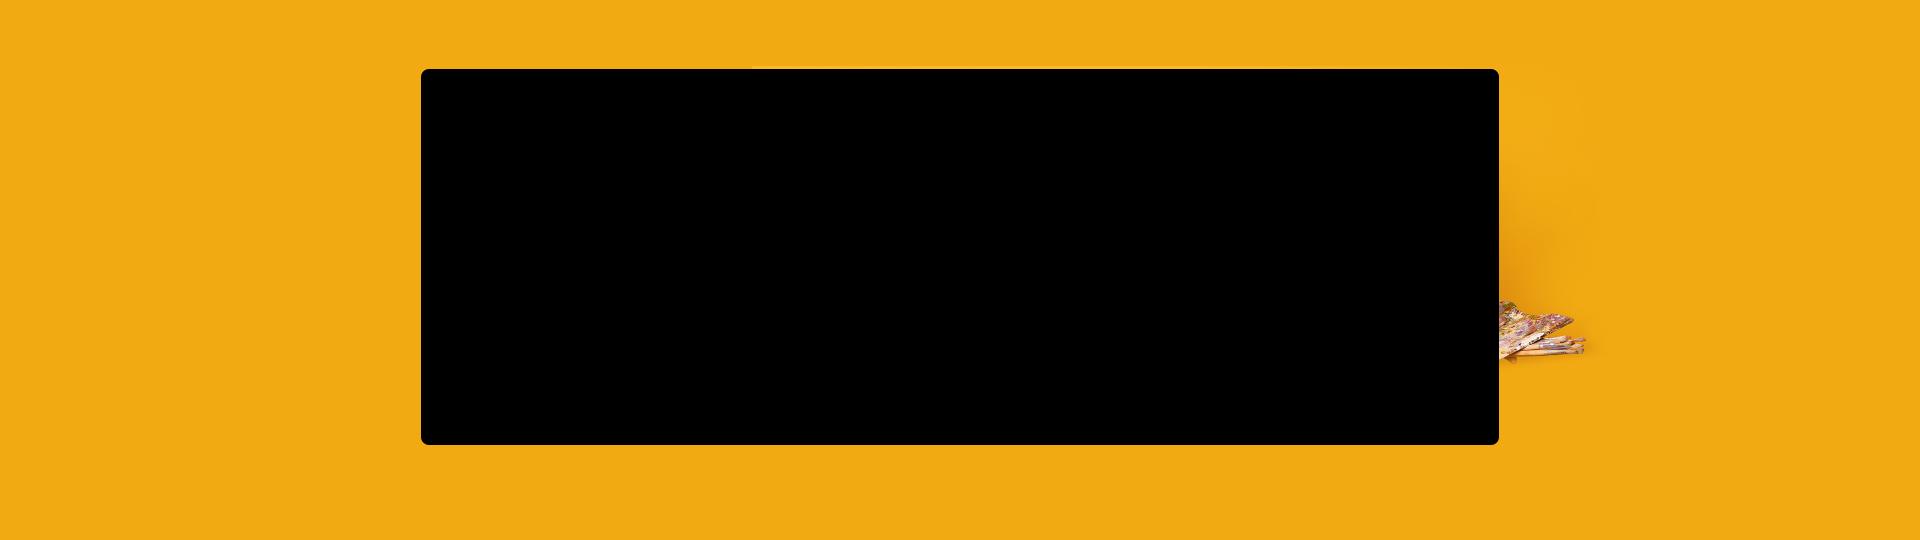 CATEGORY-OFKIR-BOYAKIRTASIYEAKTIVITEURUNLERISEPET20-08-08